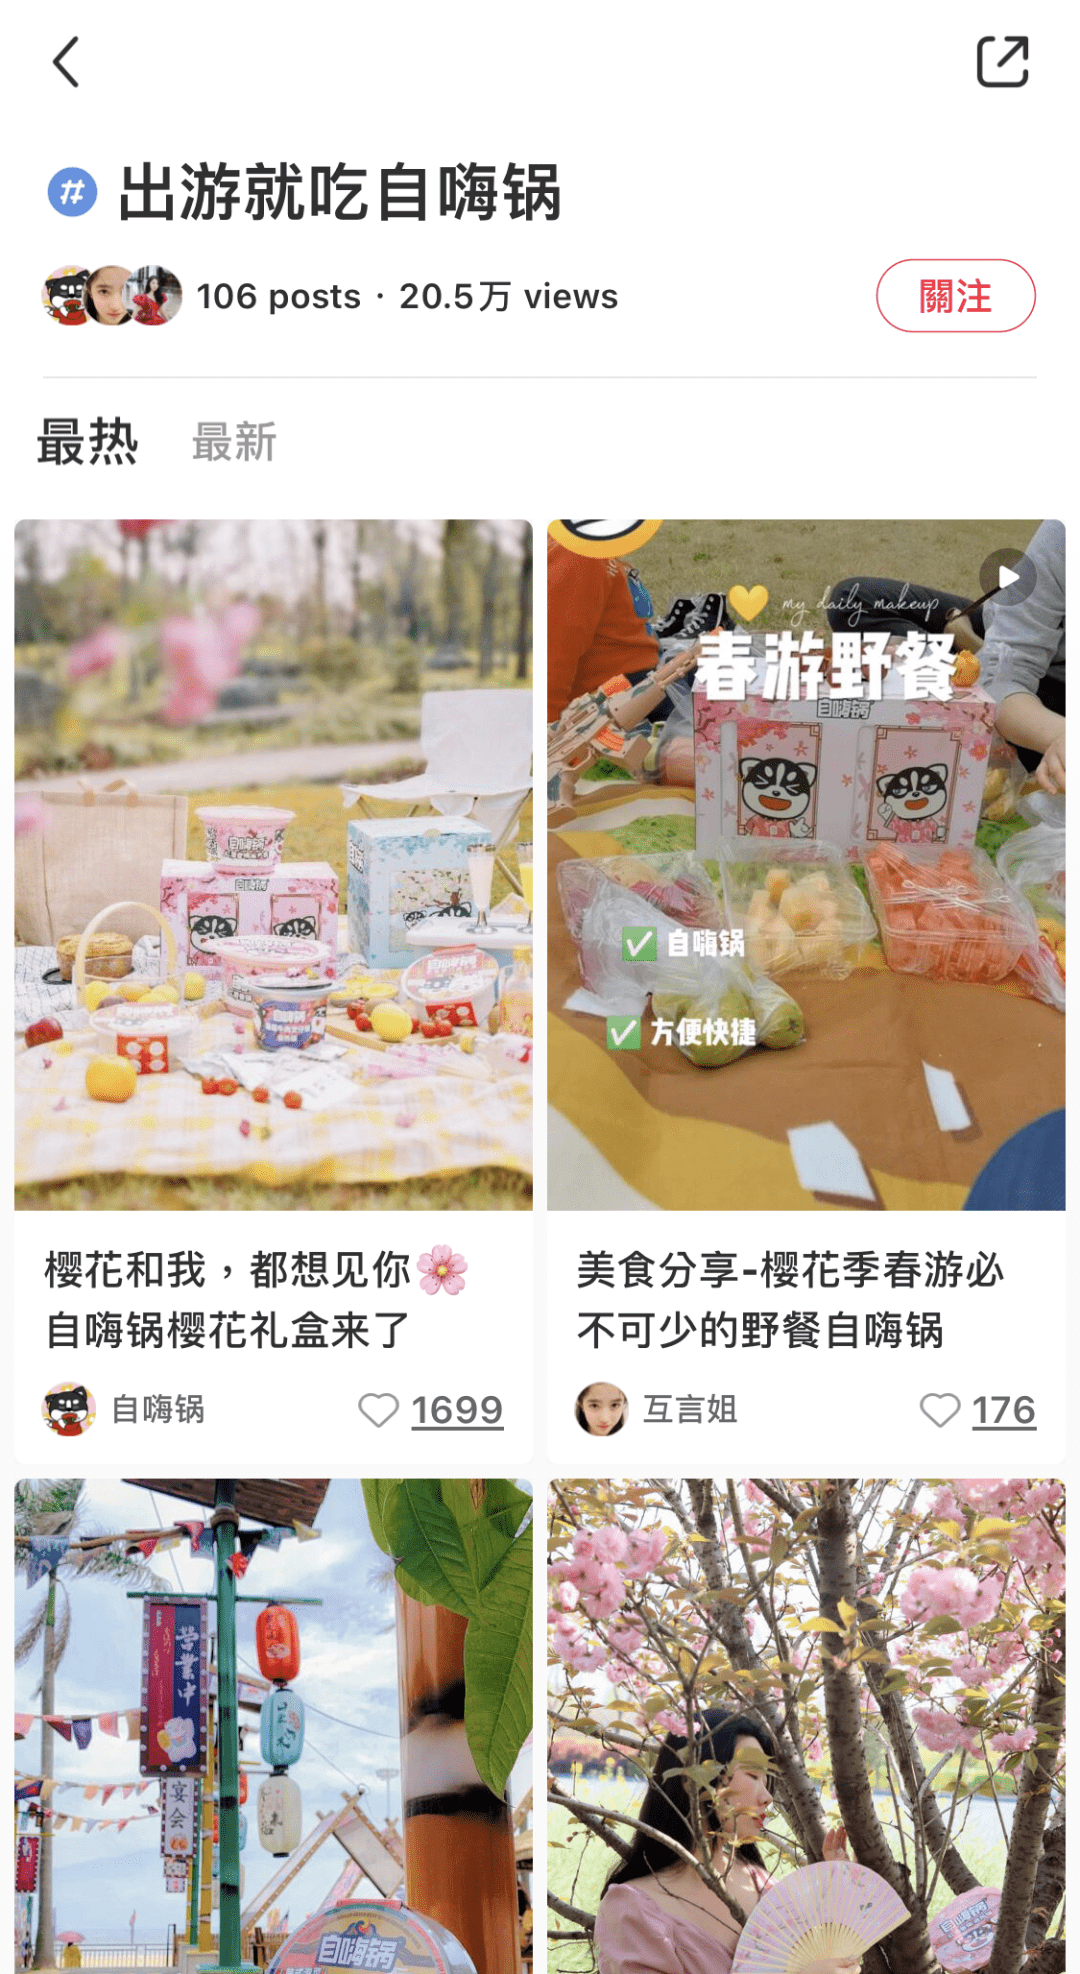 """.4亿单身人口新浪潮,小红书品牌3步抓住流量风口"""""""